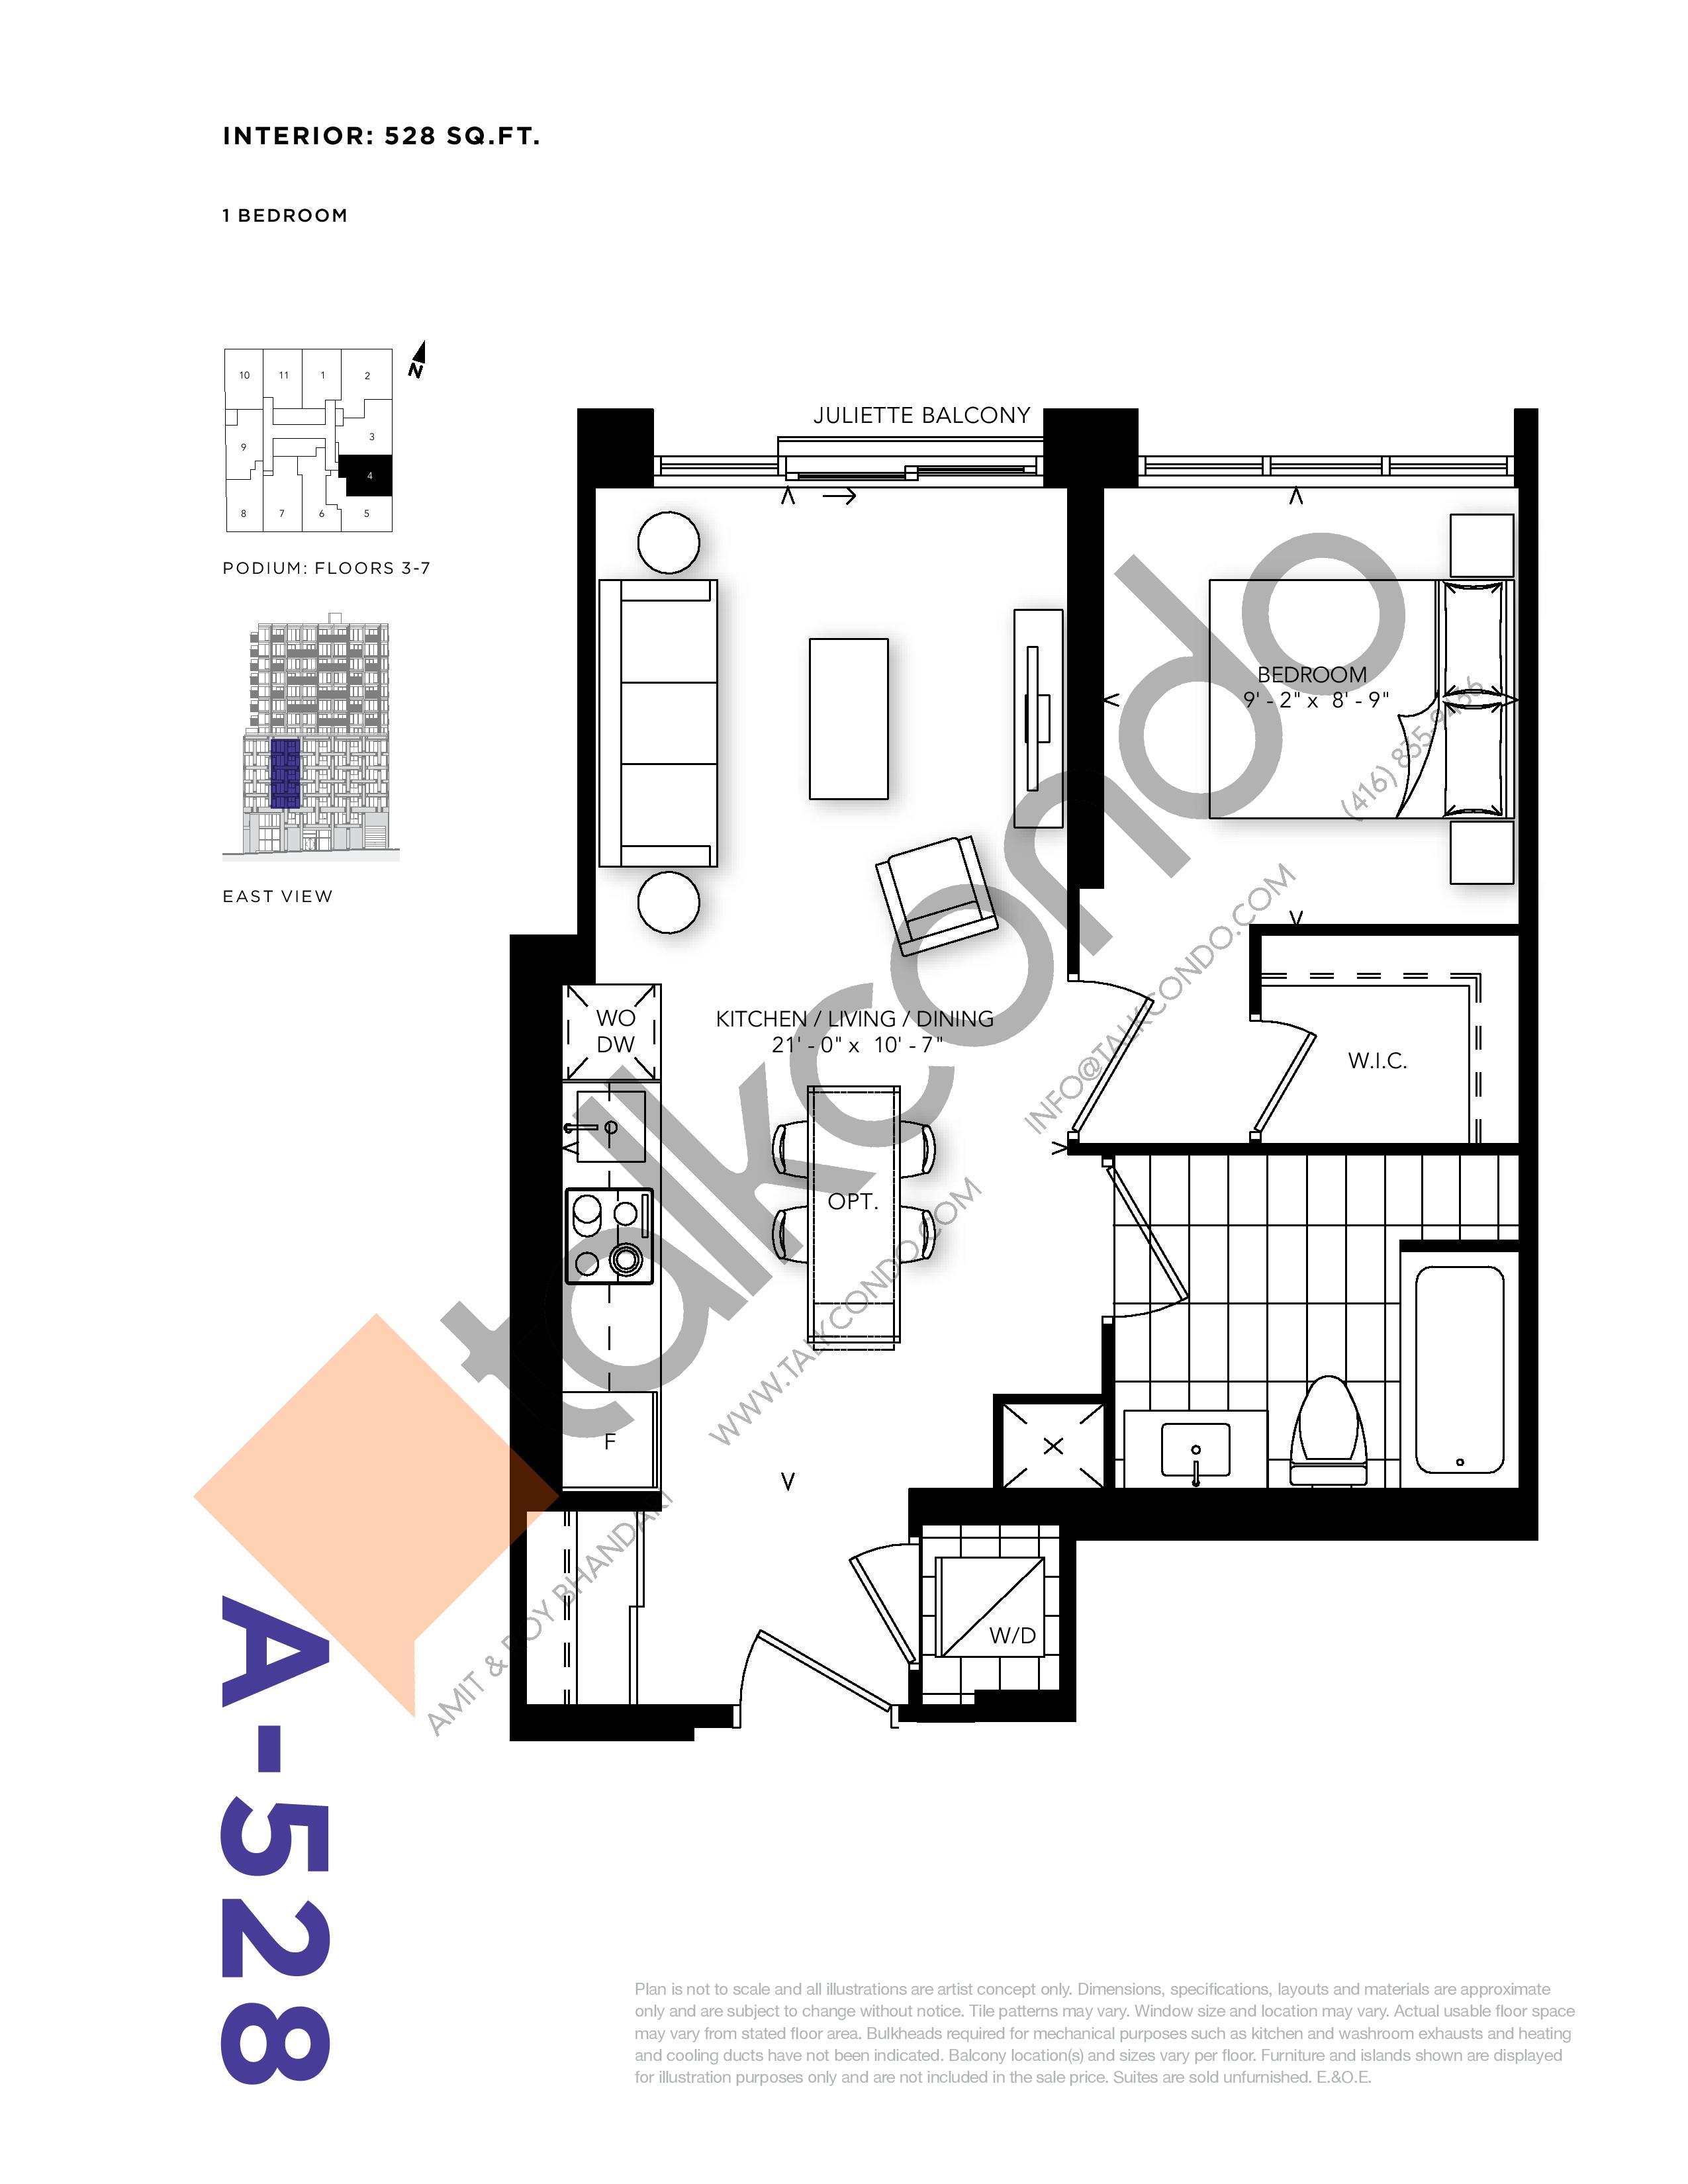 A-528 Floor Plan at RUSH Condos - 528 sq.ft